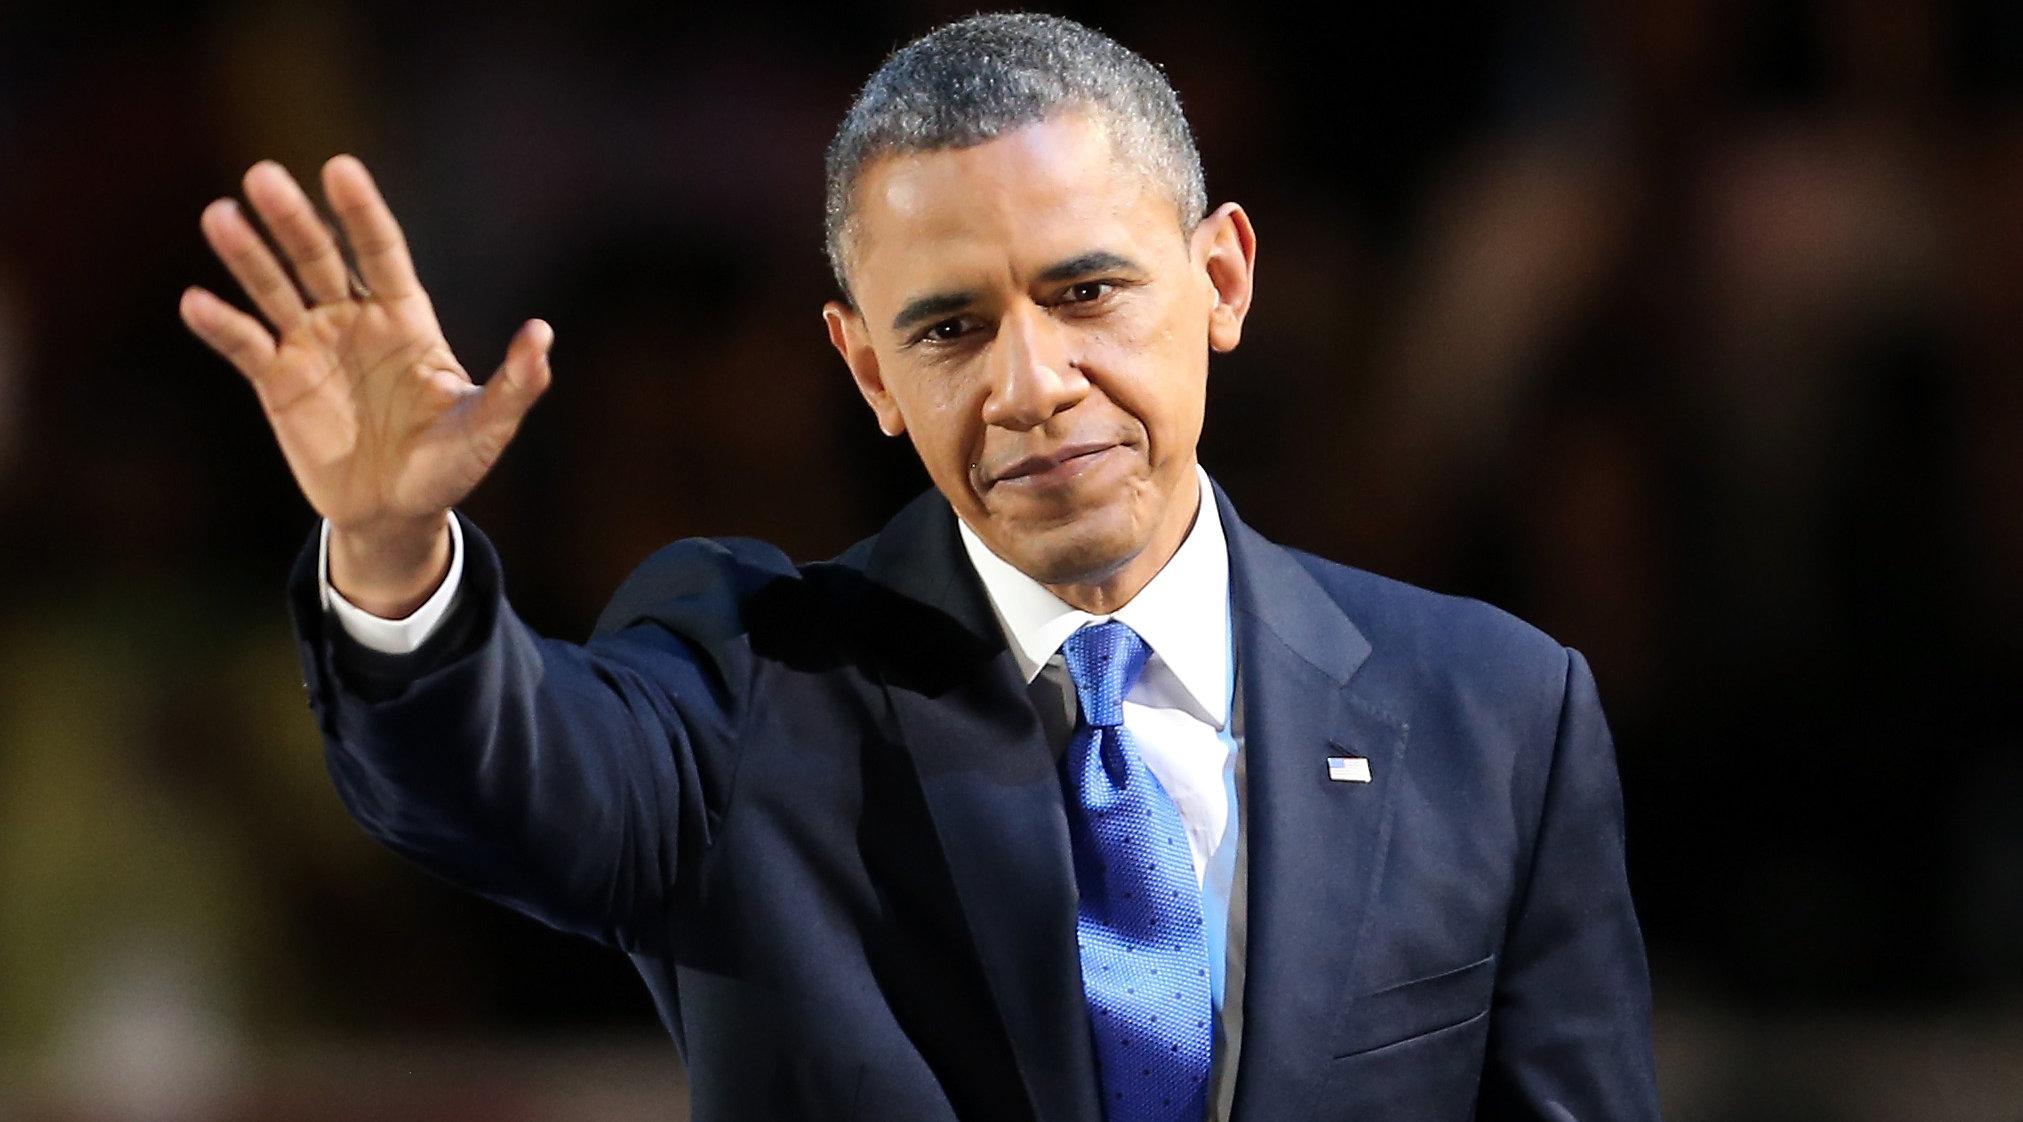 Obama administrasjonen legger frem forslag for å fremme selvkjørende biler.